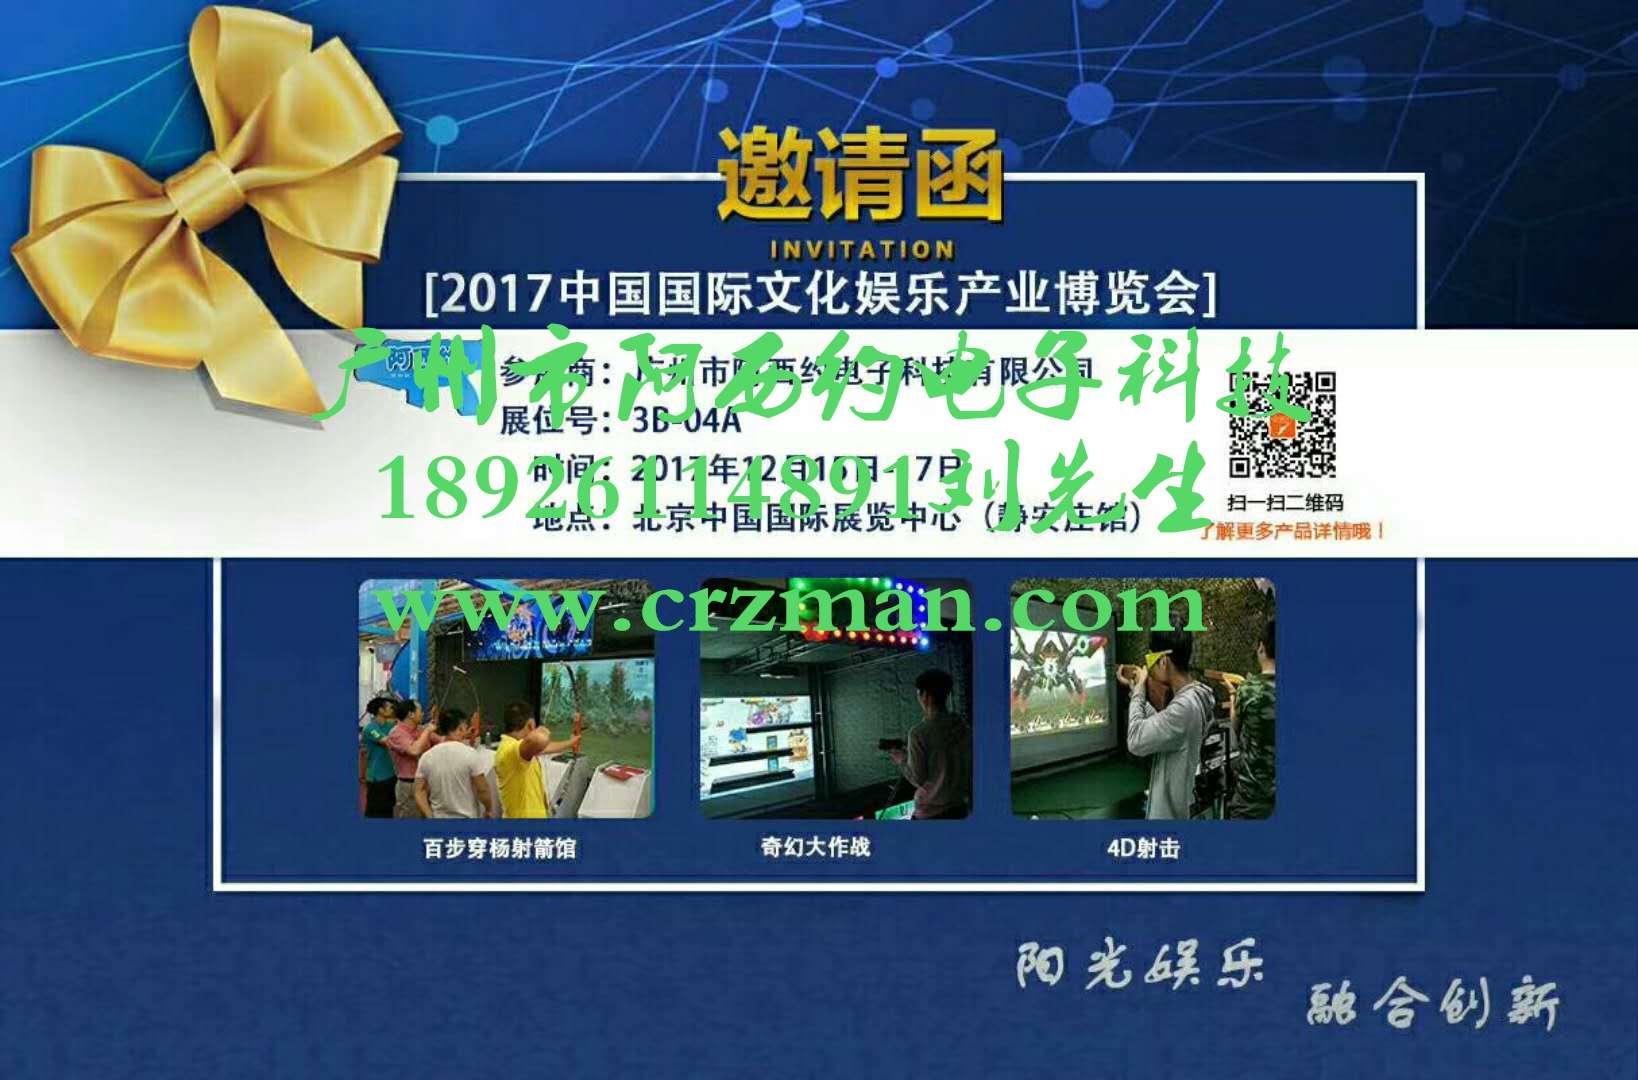 投影砸球设施——广州游艺设施价格